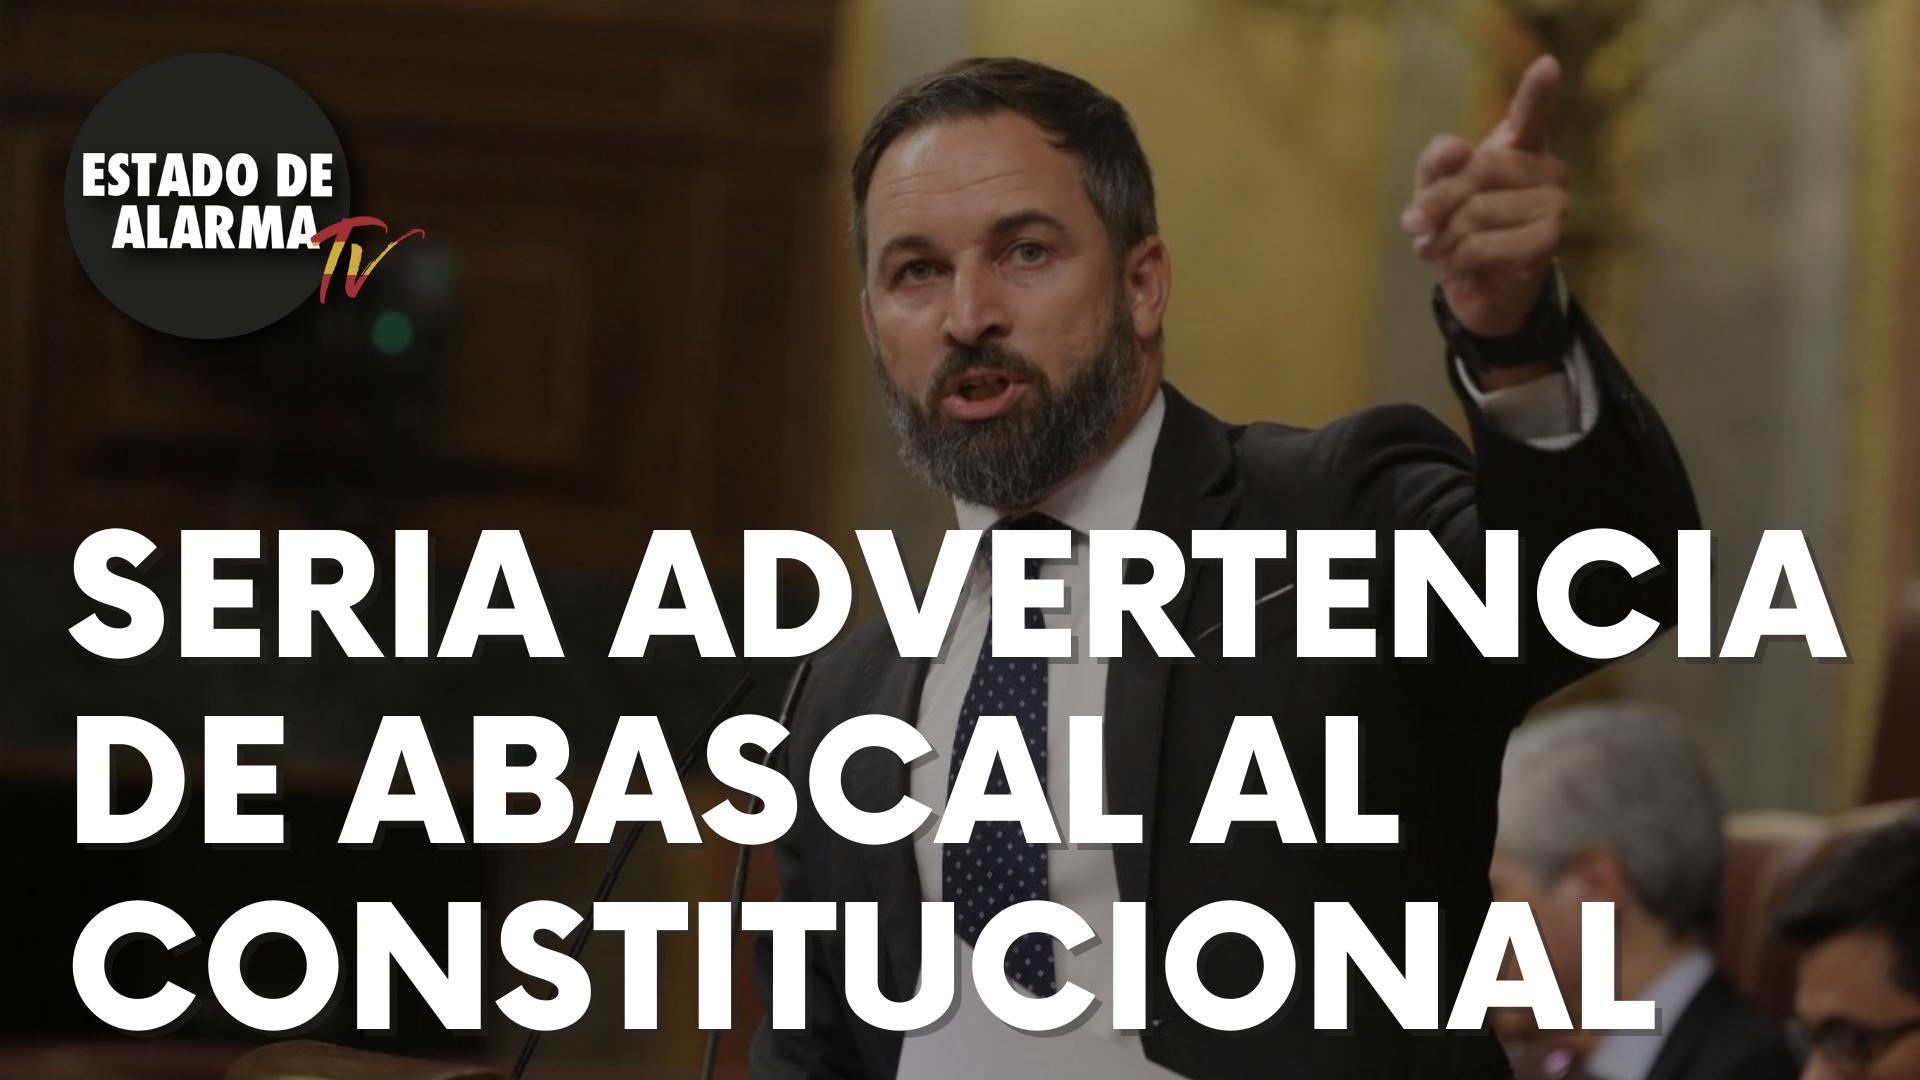 Ésta es la seria advertencia lanzada por Abascal al Tribunal Constitucional